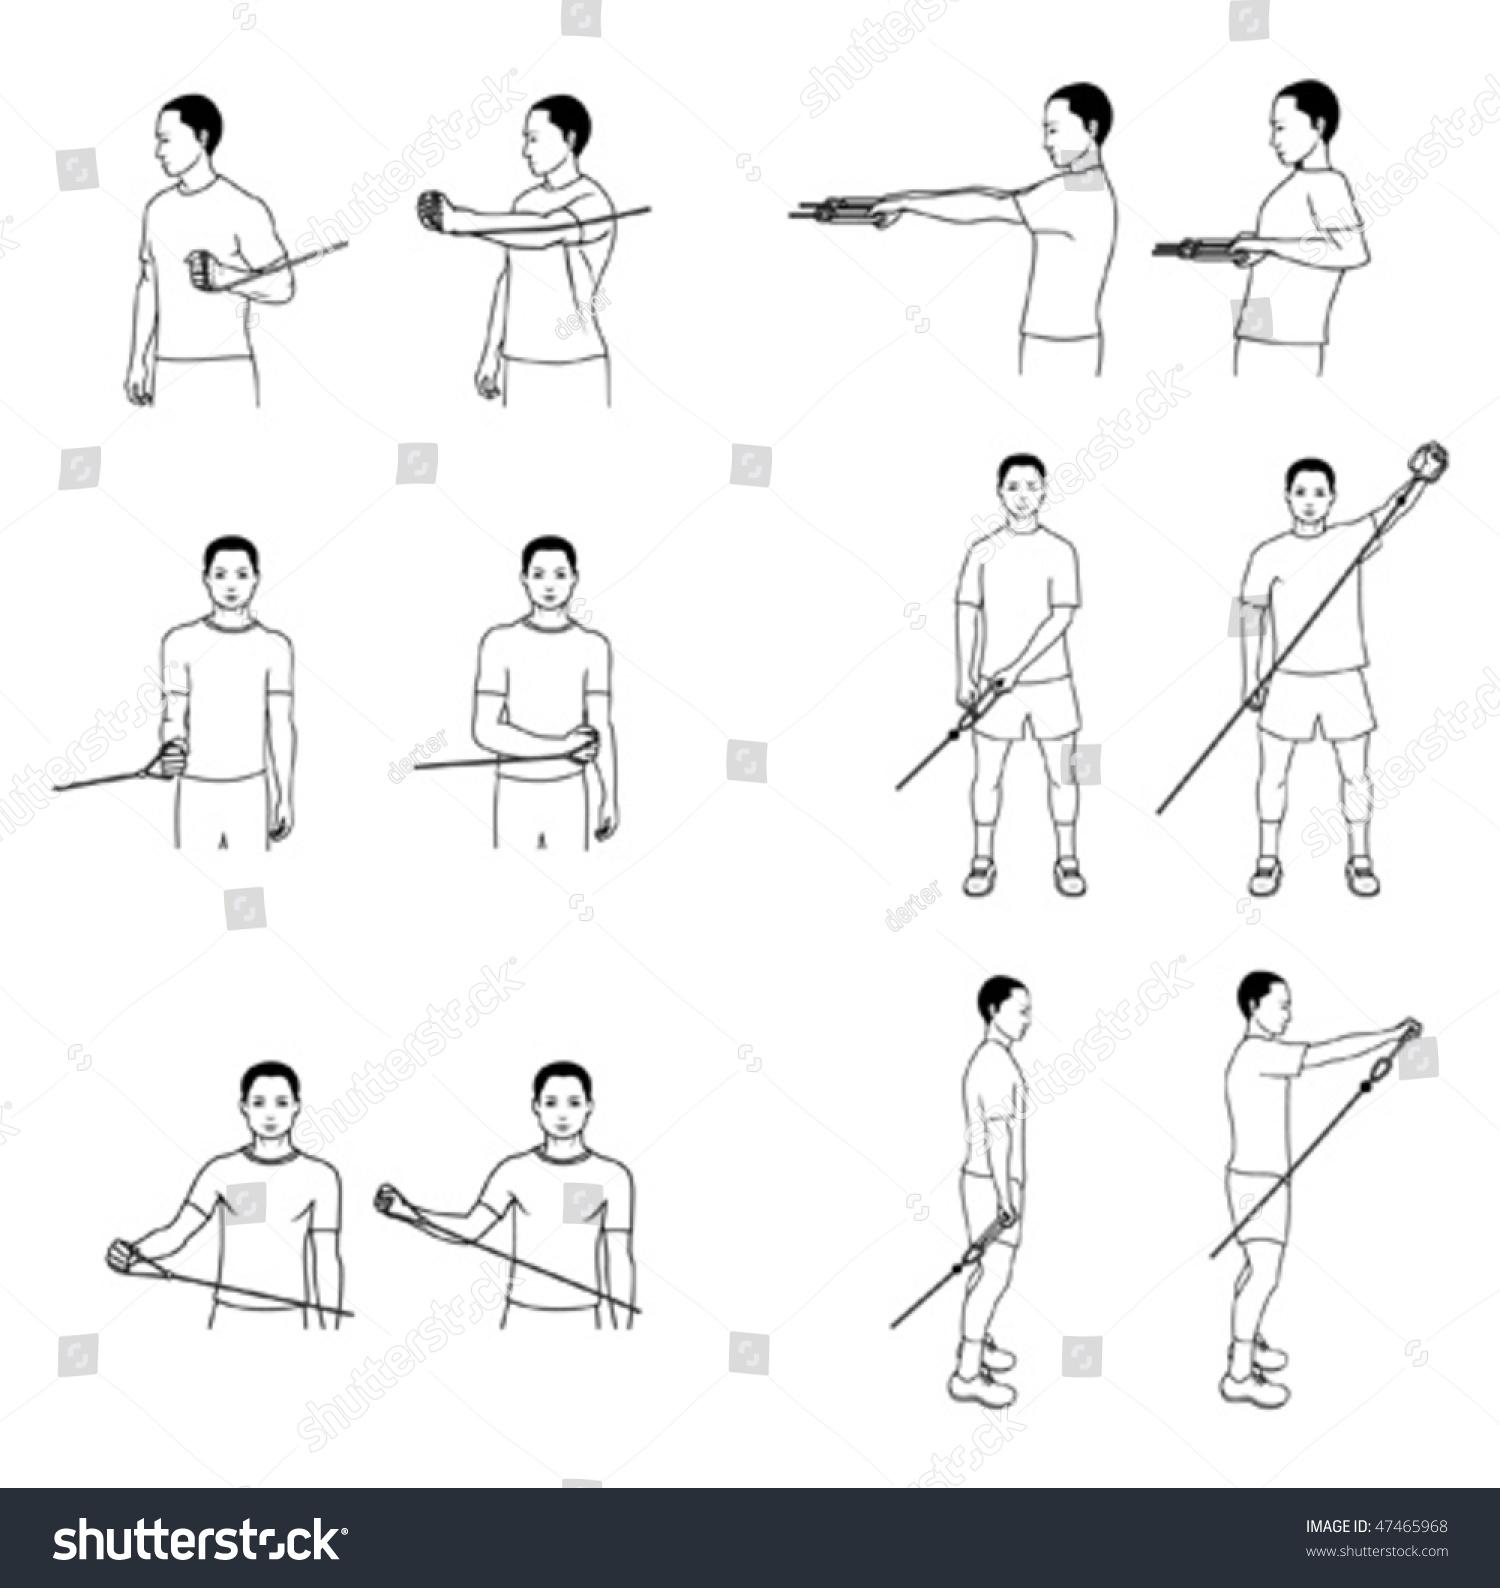 Shoulder Exercises Stock Vector 47465968 - Shutterstock